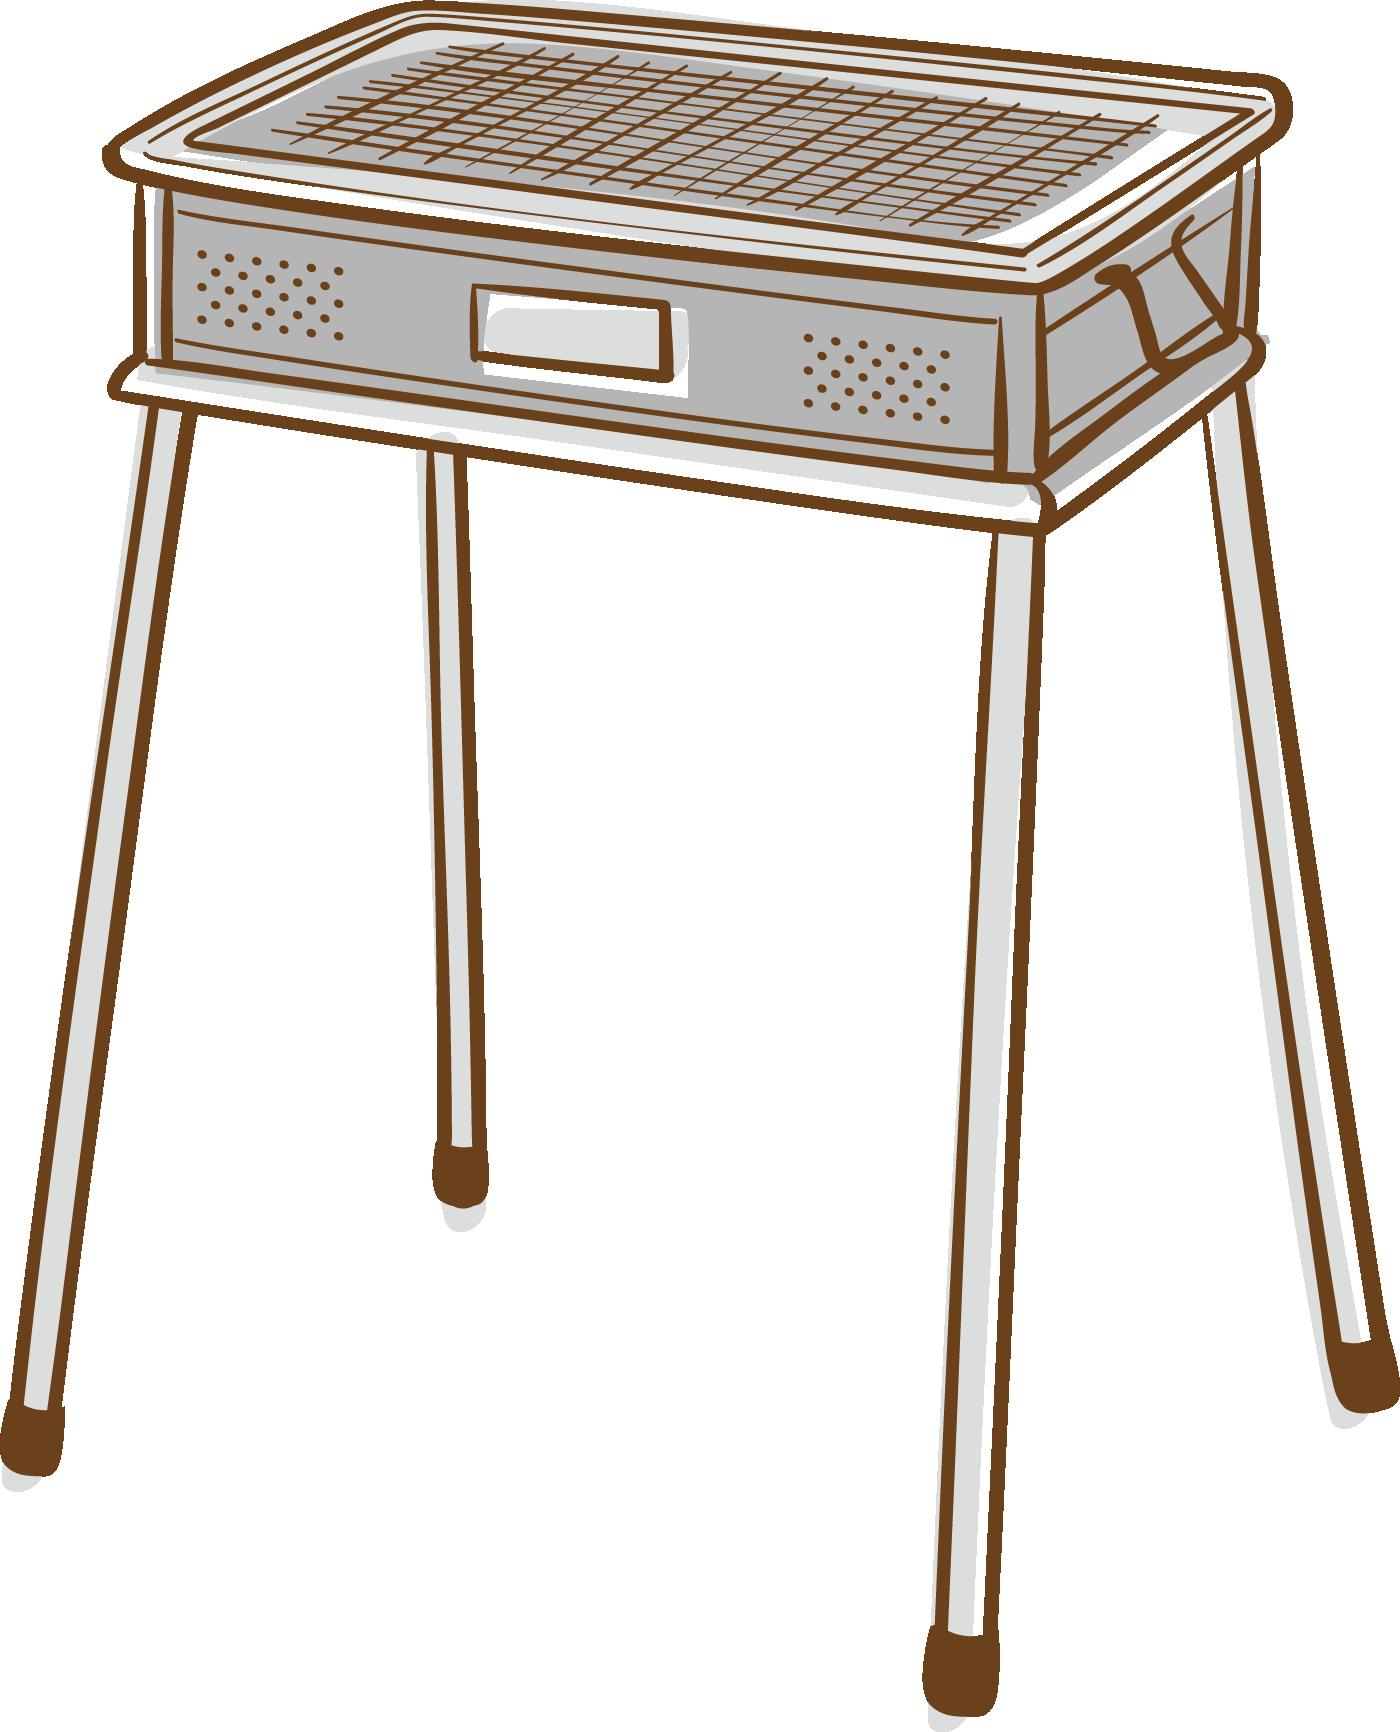 バーベキューグリルのイラスト(背景透過)